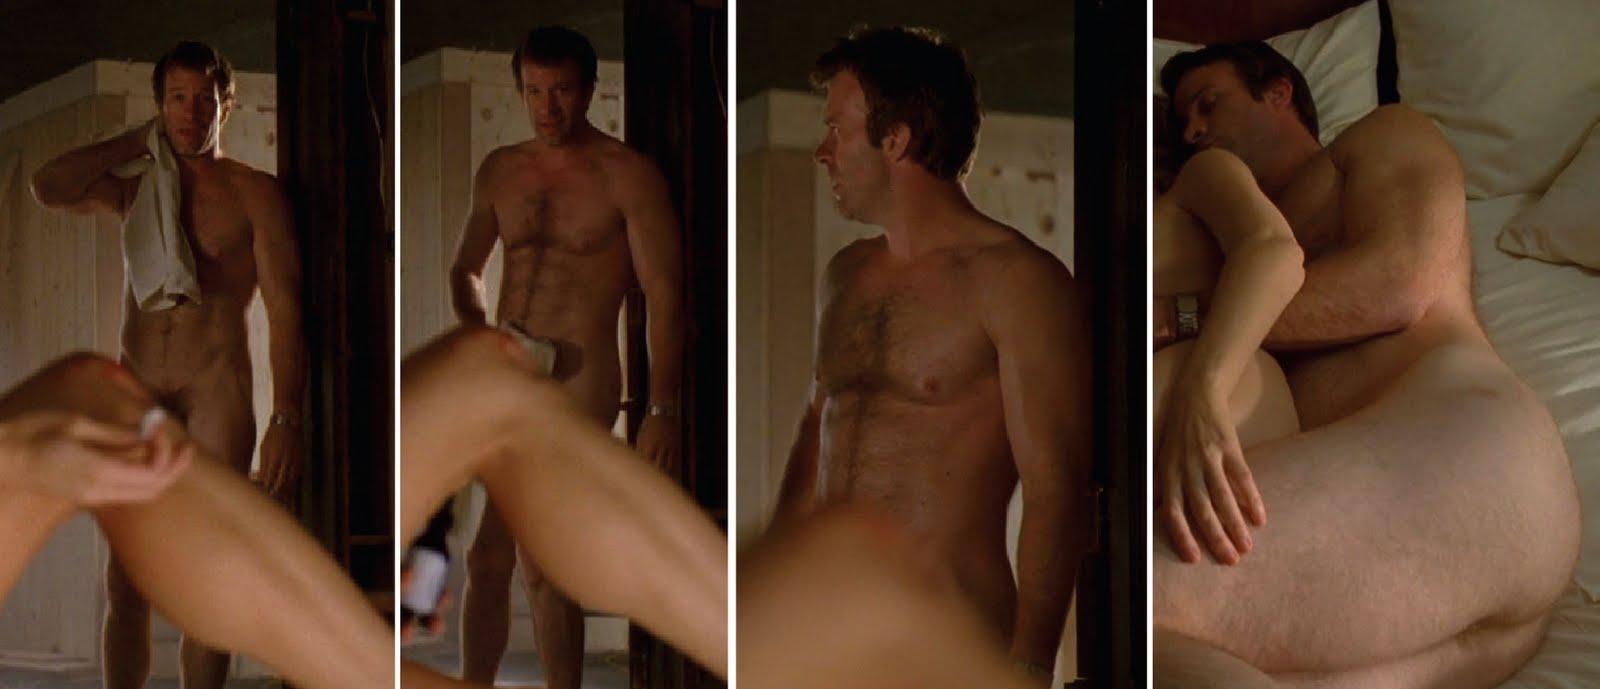 thomas gibson naked body